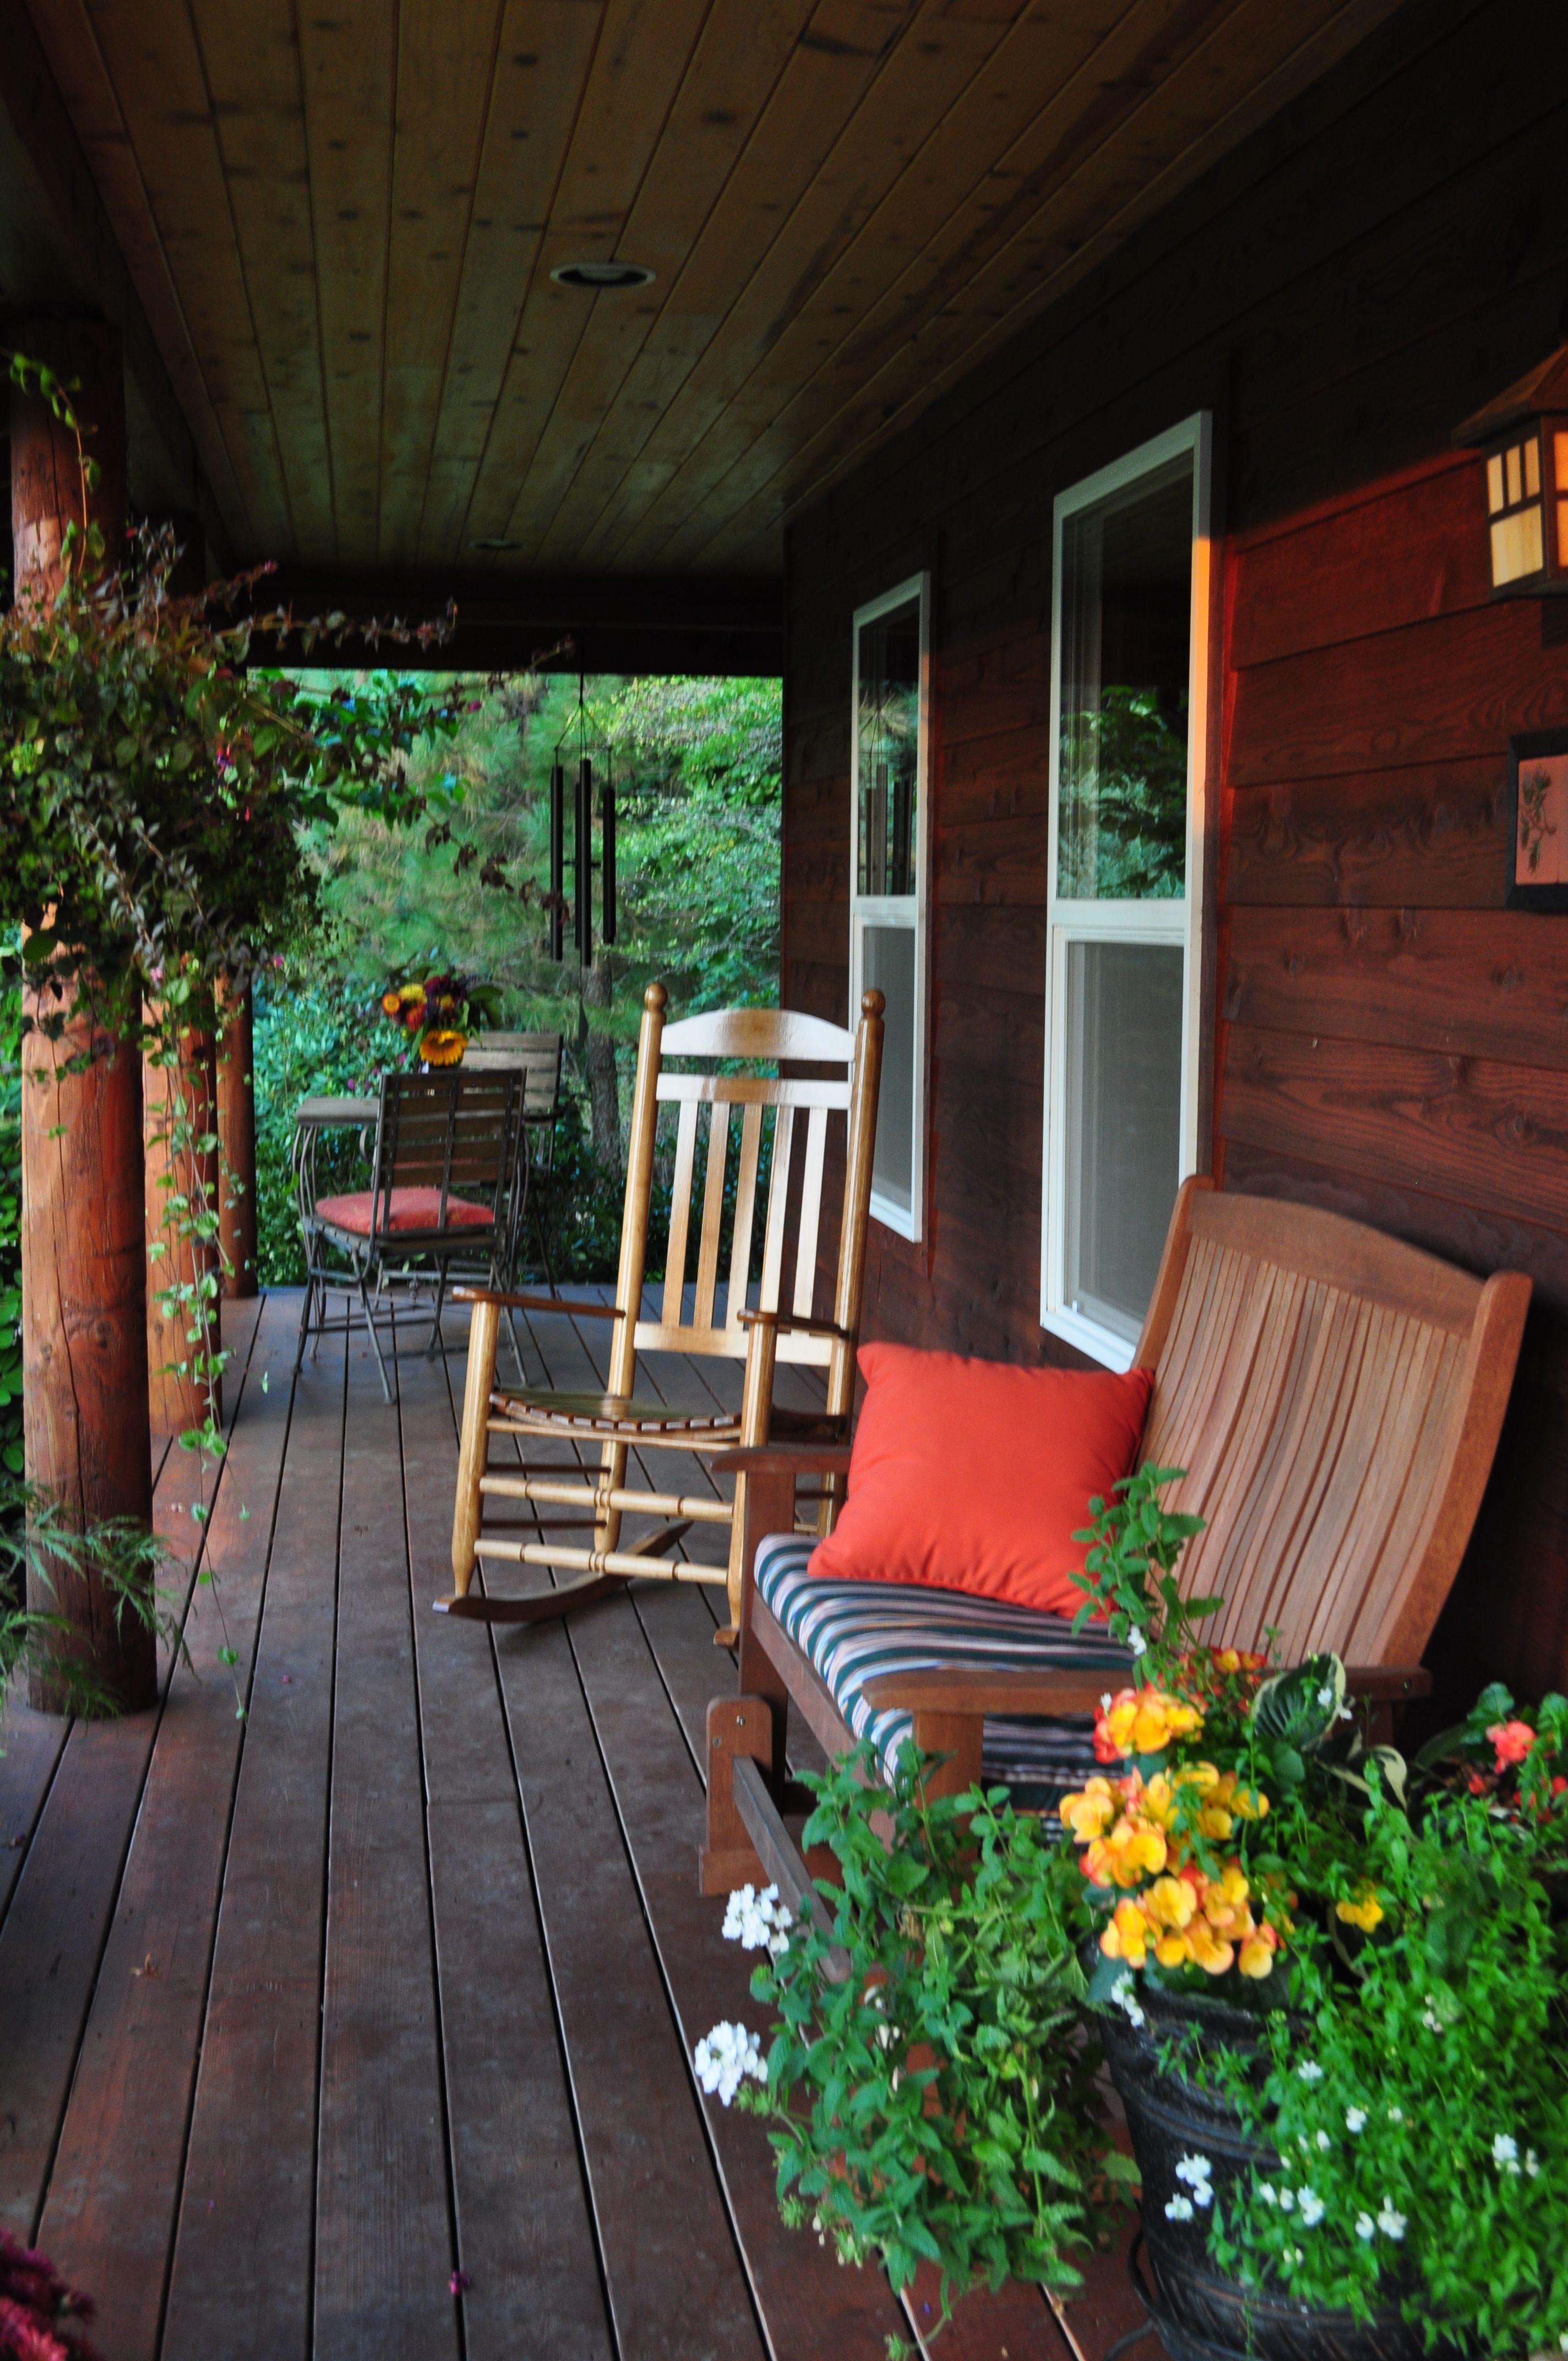 wie k nnen sie eine veranda bauen anleitung und praktische tipps in 2018 blockhausromantik. Black Bedroom Furniture Sets. Home Design Ideas